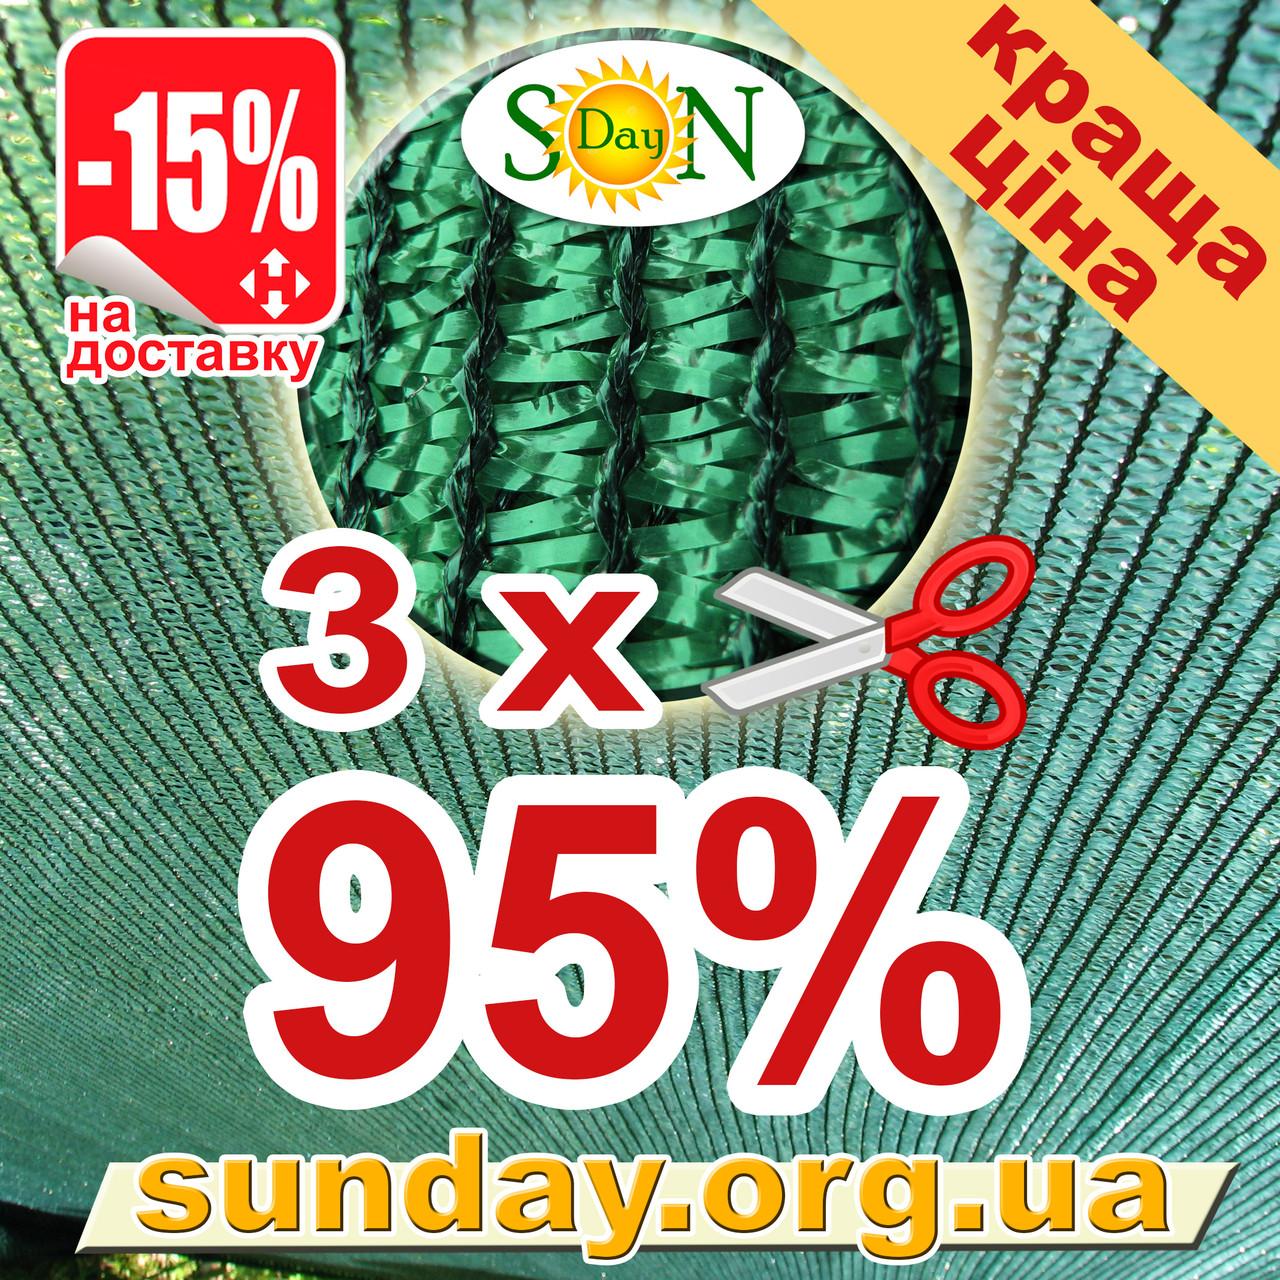 Сітка 3м на відріз 95% затіняюча Угорщина.